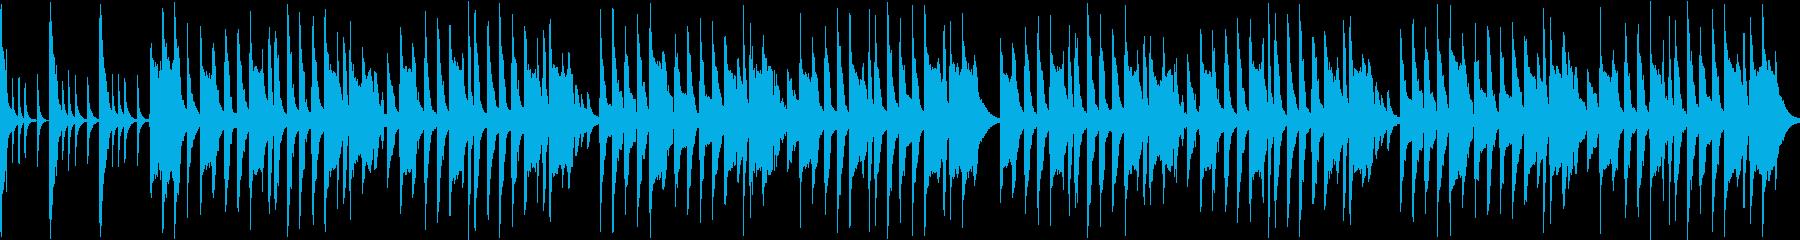 リコーダーが可愛い「一月一日」ループ版の再生済みの波形